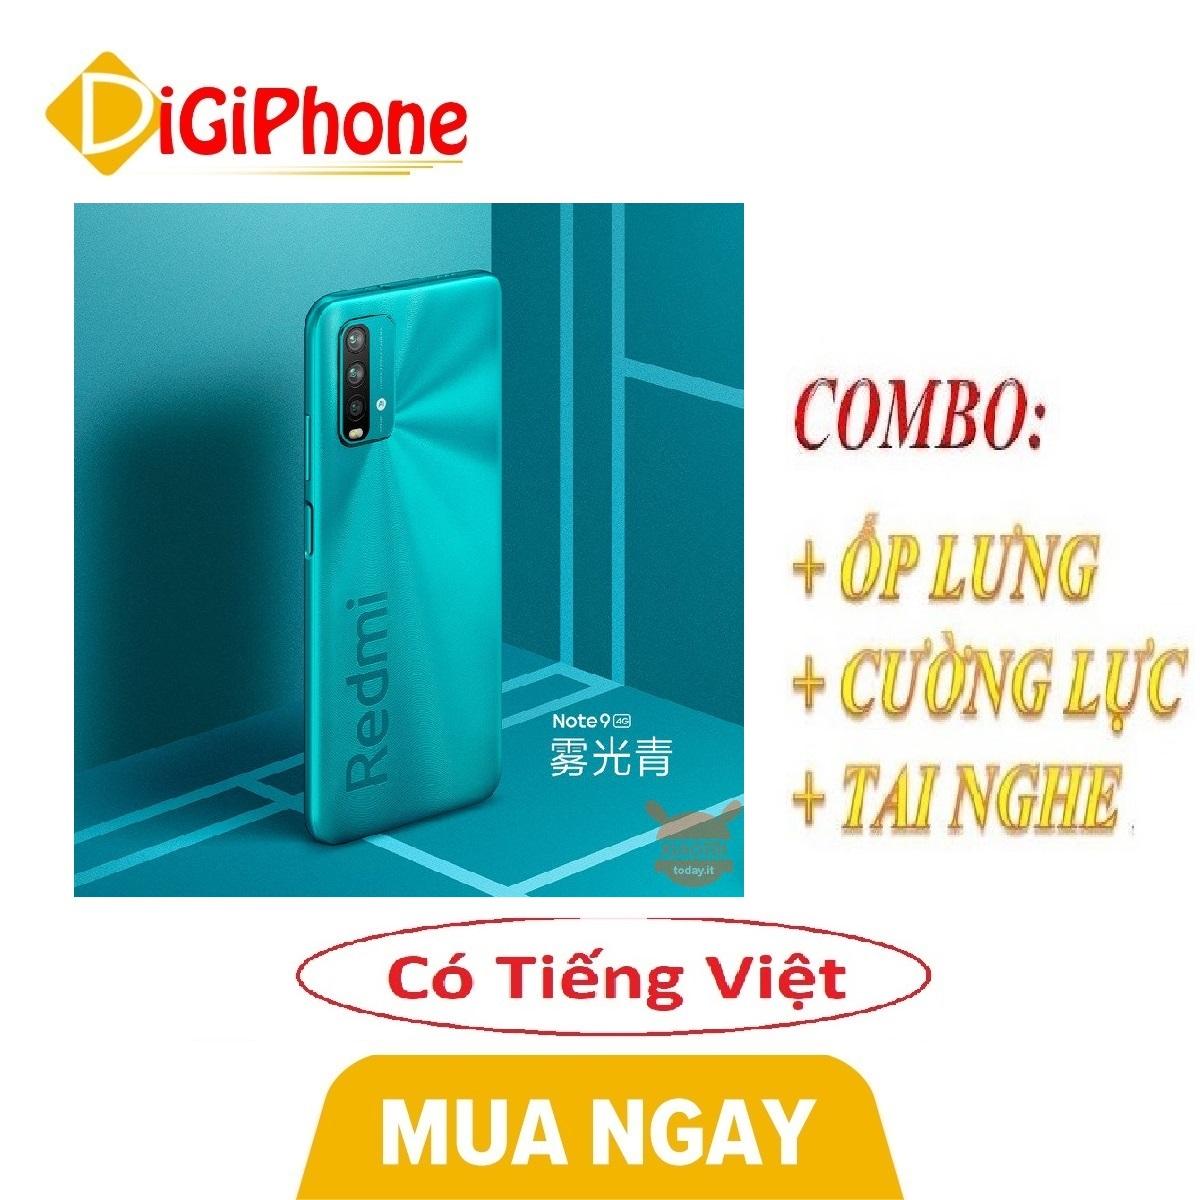 Combo Điện thoại Xiaomi Redmi Note 9 4/128 China Version Chip Snap Dragon 662 (phiên bản 4G) + Ốp lưng + Cường lực + Tai nghe